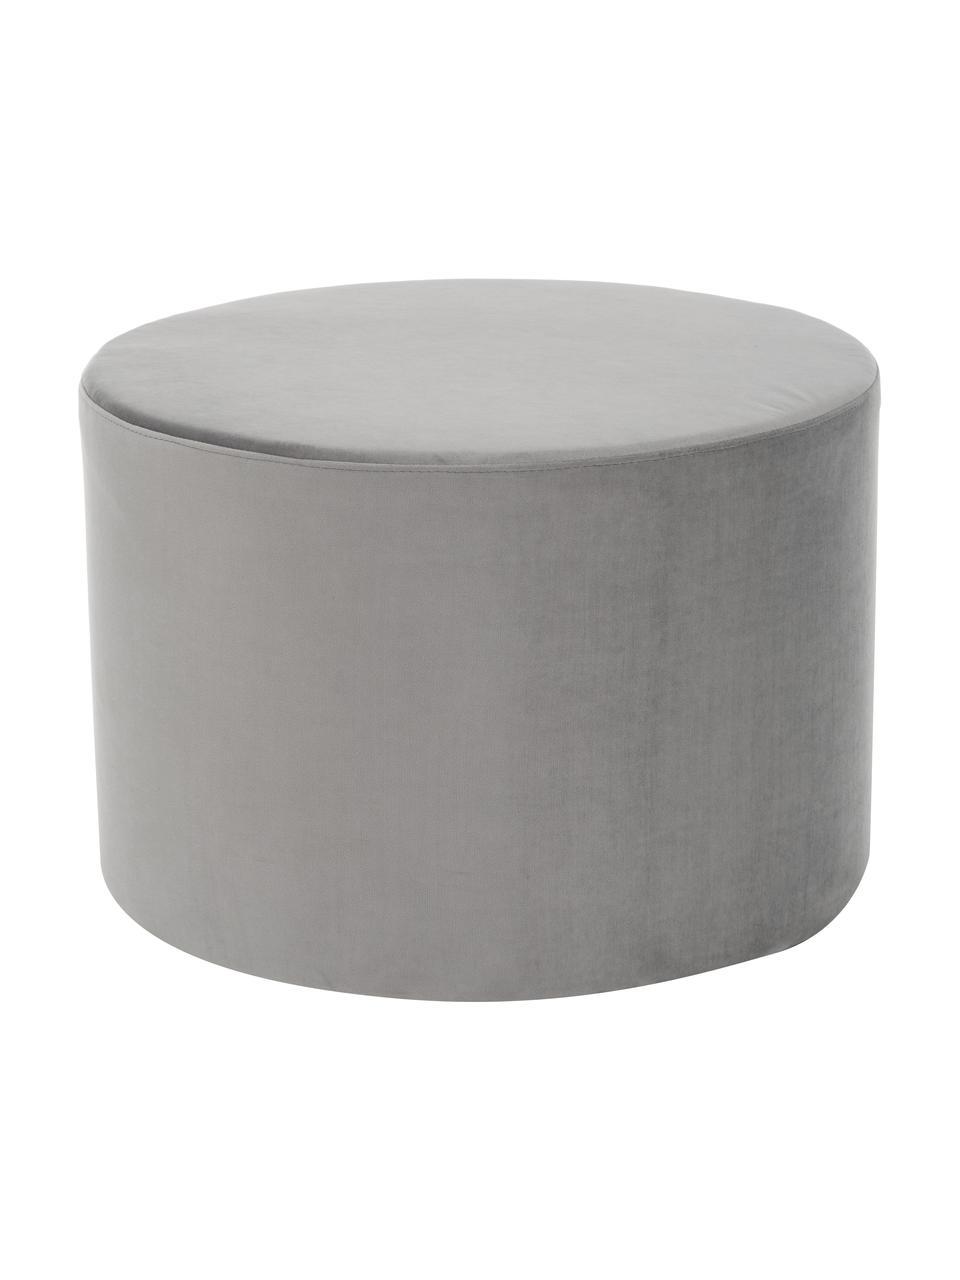 Pouf in velluto Daisy, Rivestimento: velluto (poliestere) 25.0, Struttura: compensato, Velluto grigio, Ø 54 x Alt. 38 cm